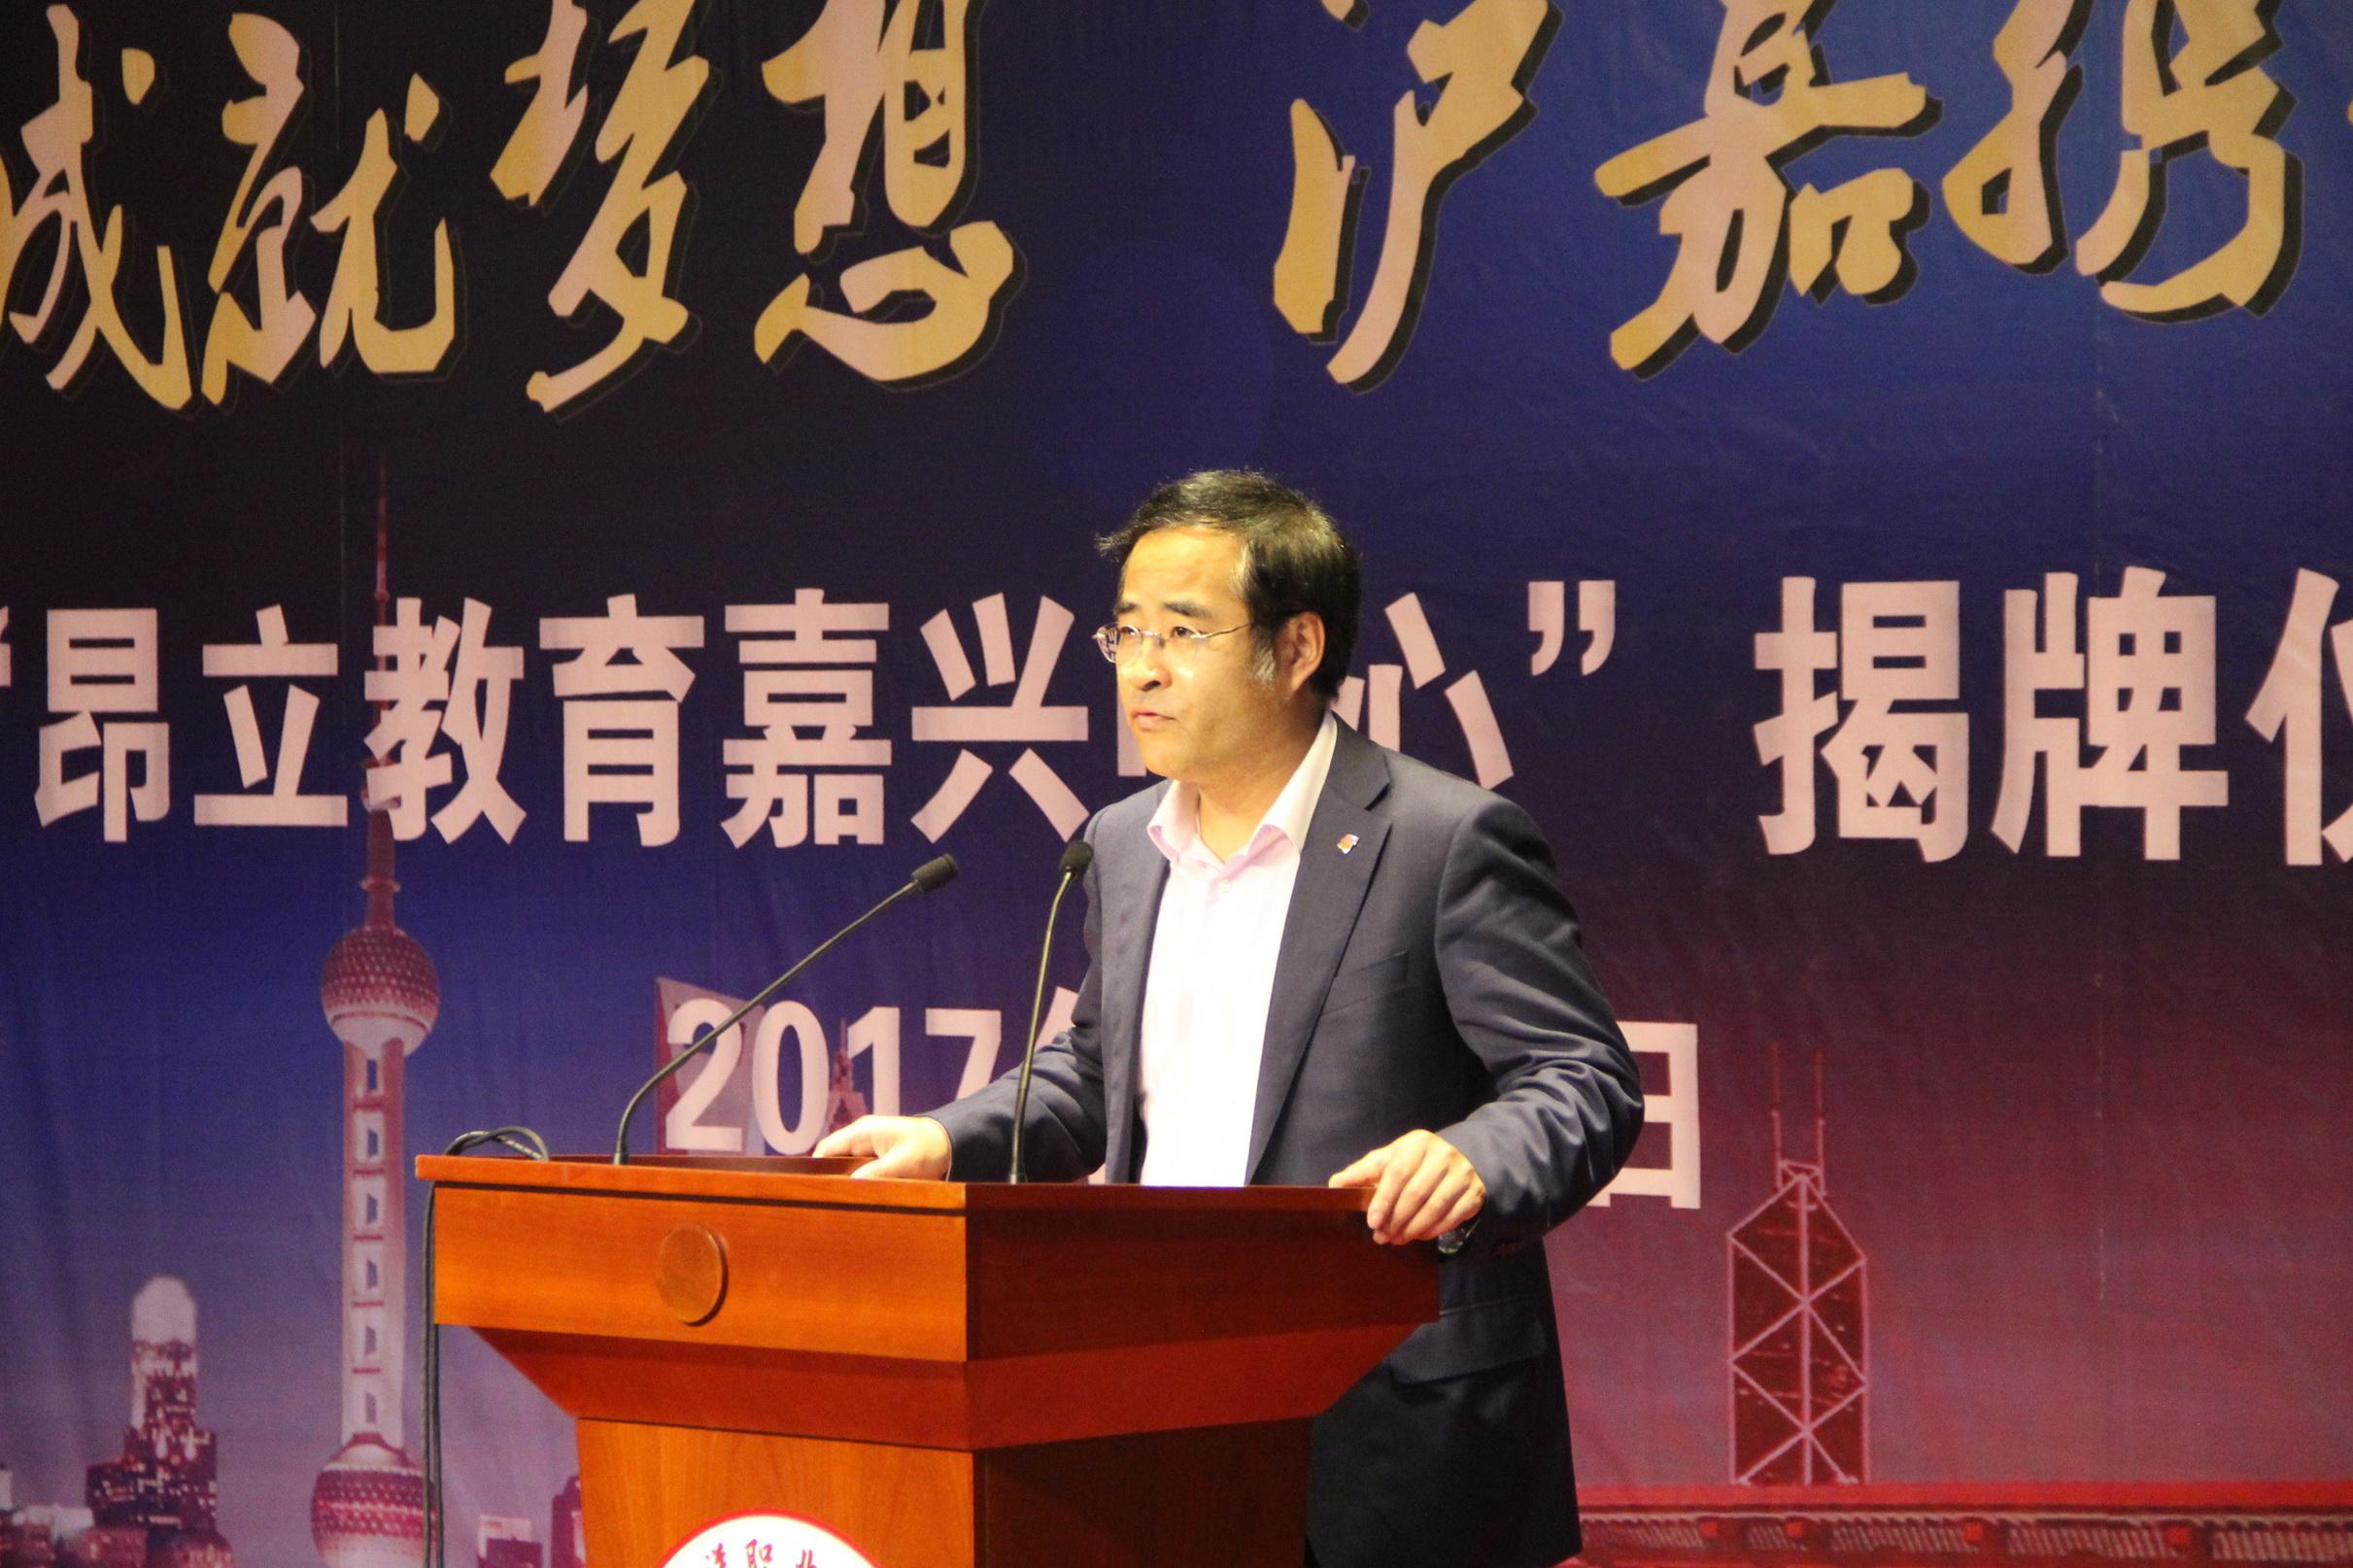 昂立教育总裁林涛讲话